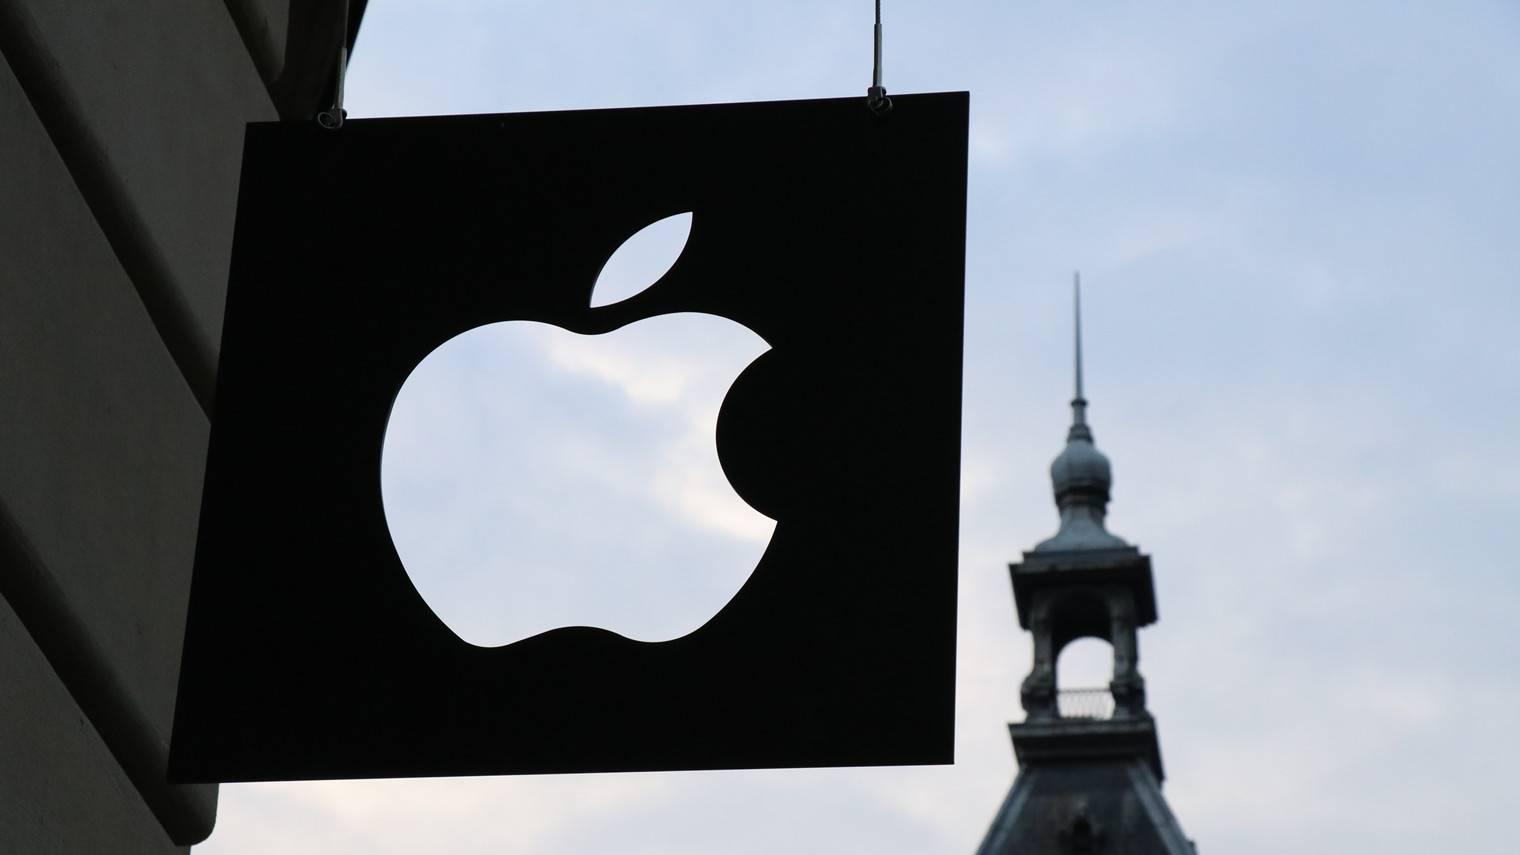 苹果再次遭遇反垄断诉讼,罚金高达100多亿